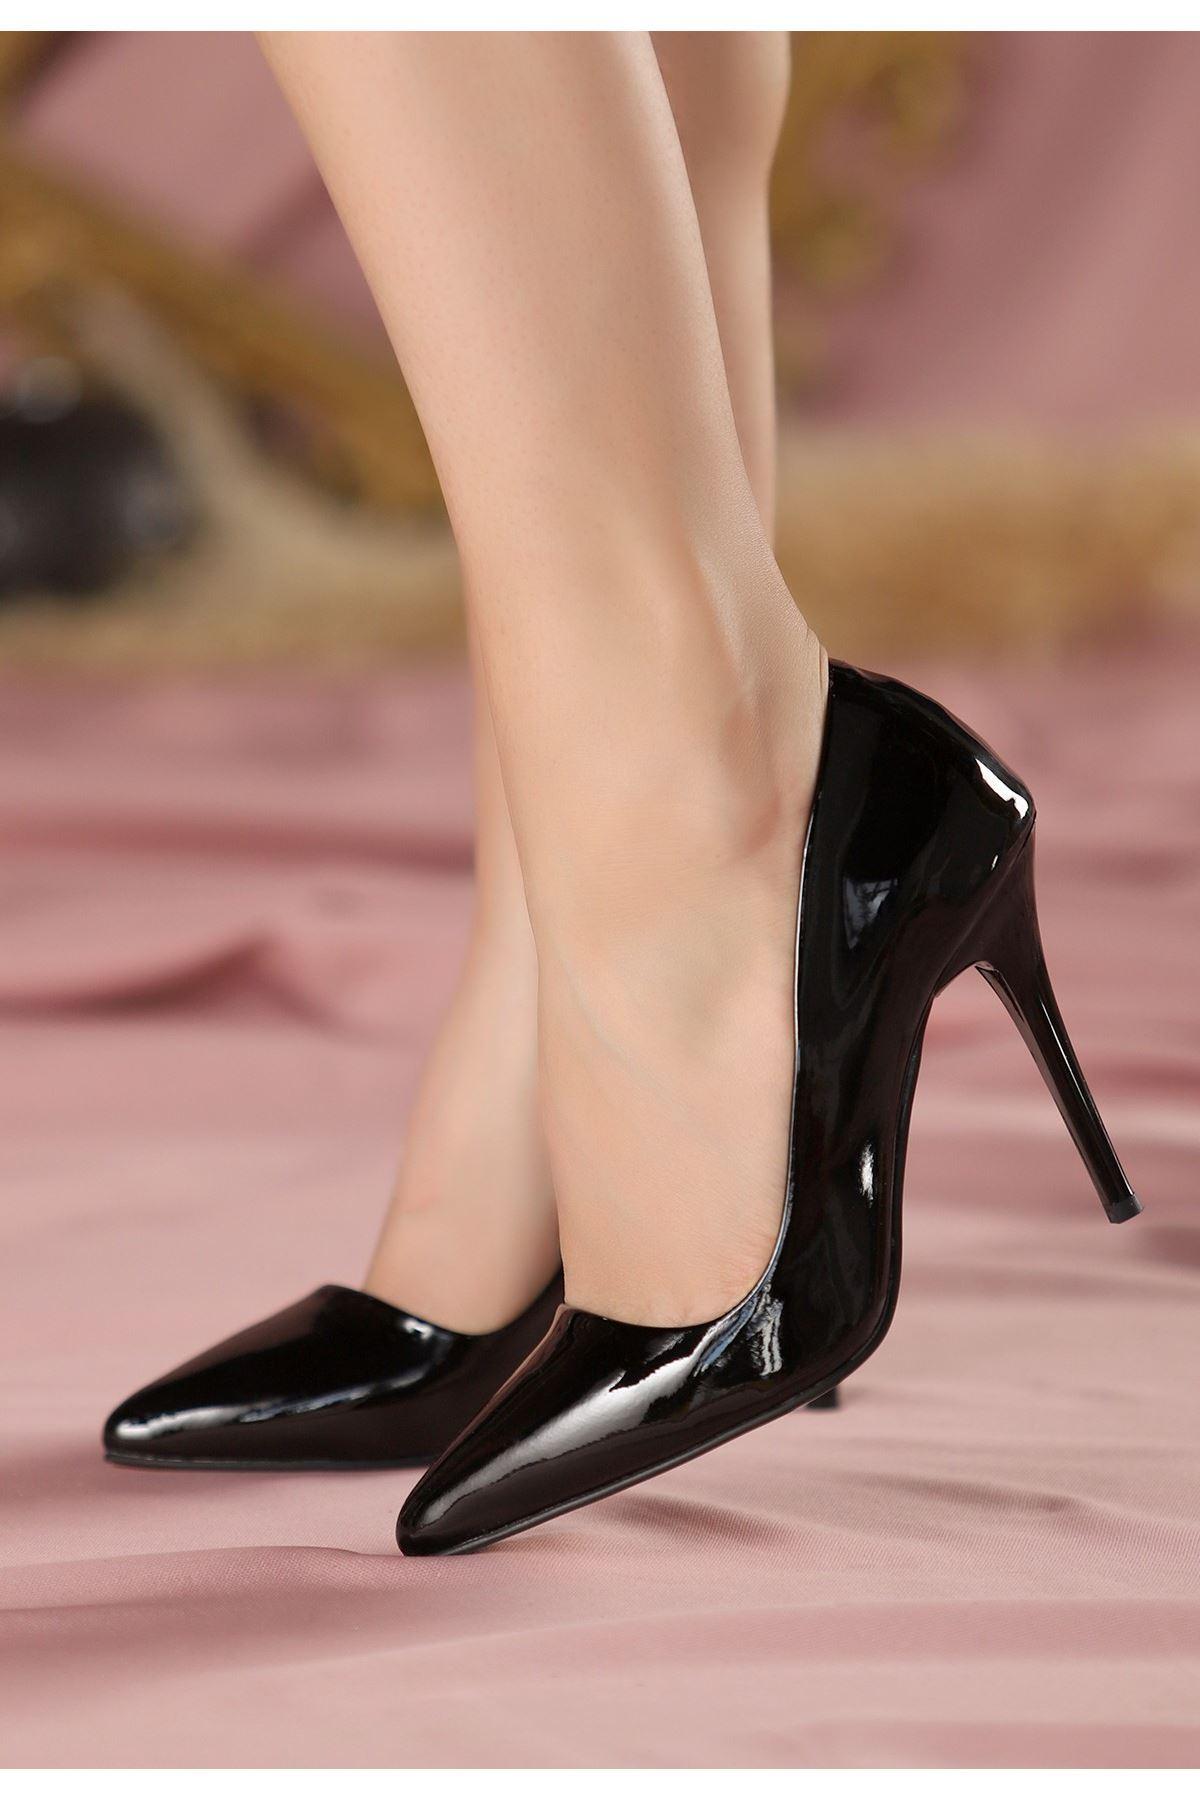 Reme Siyah Rugan Stiletto Ayakkabı